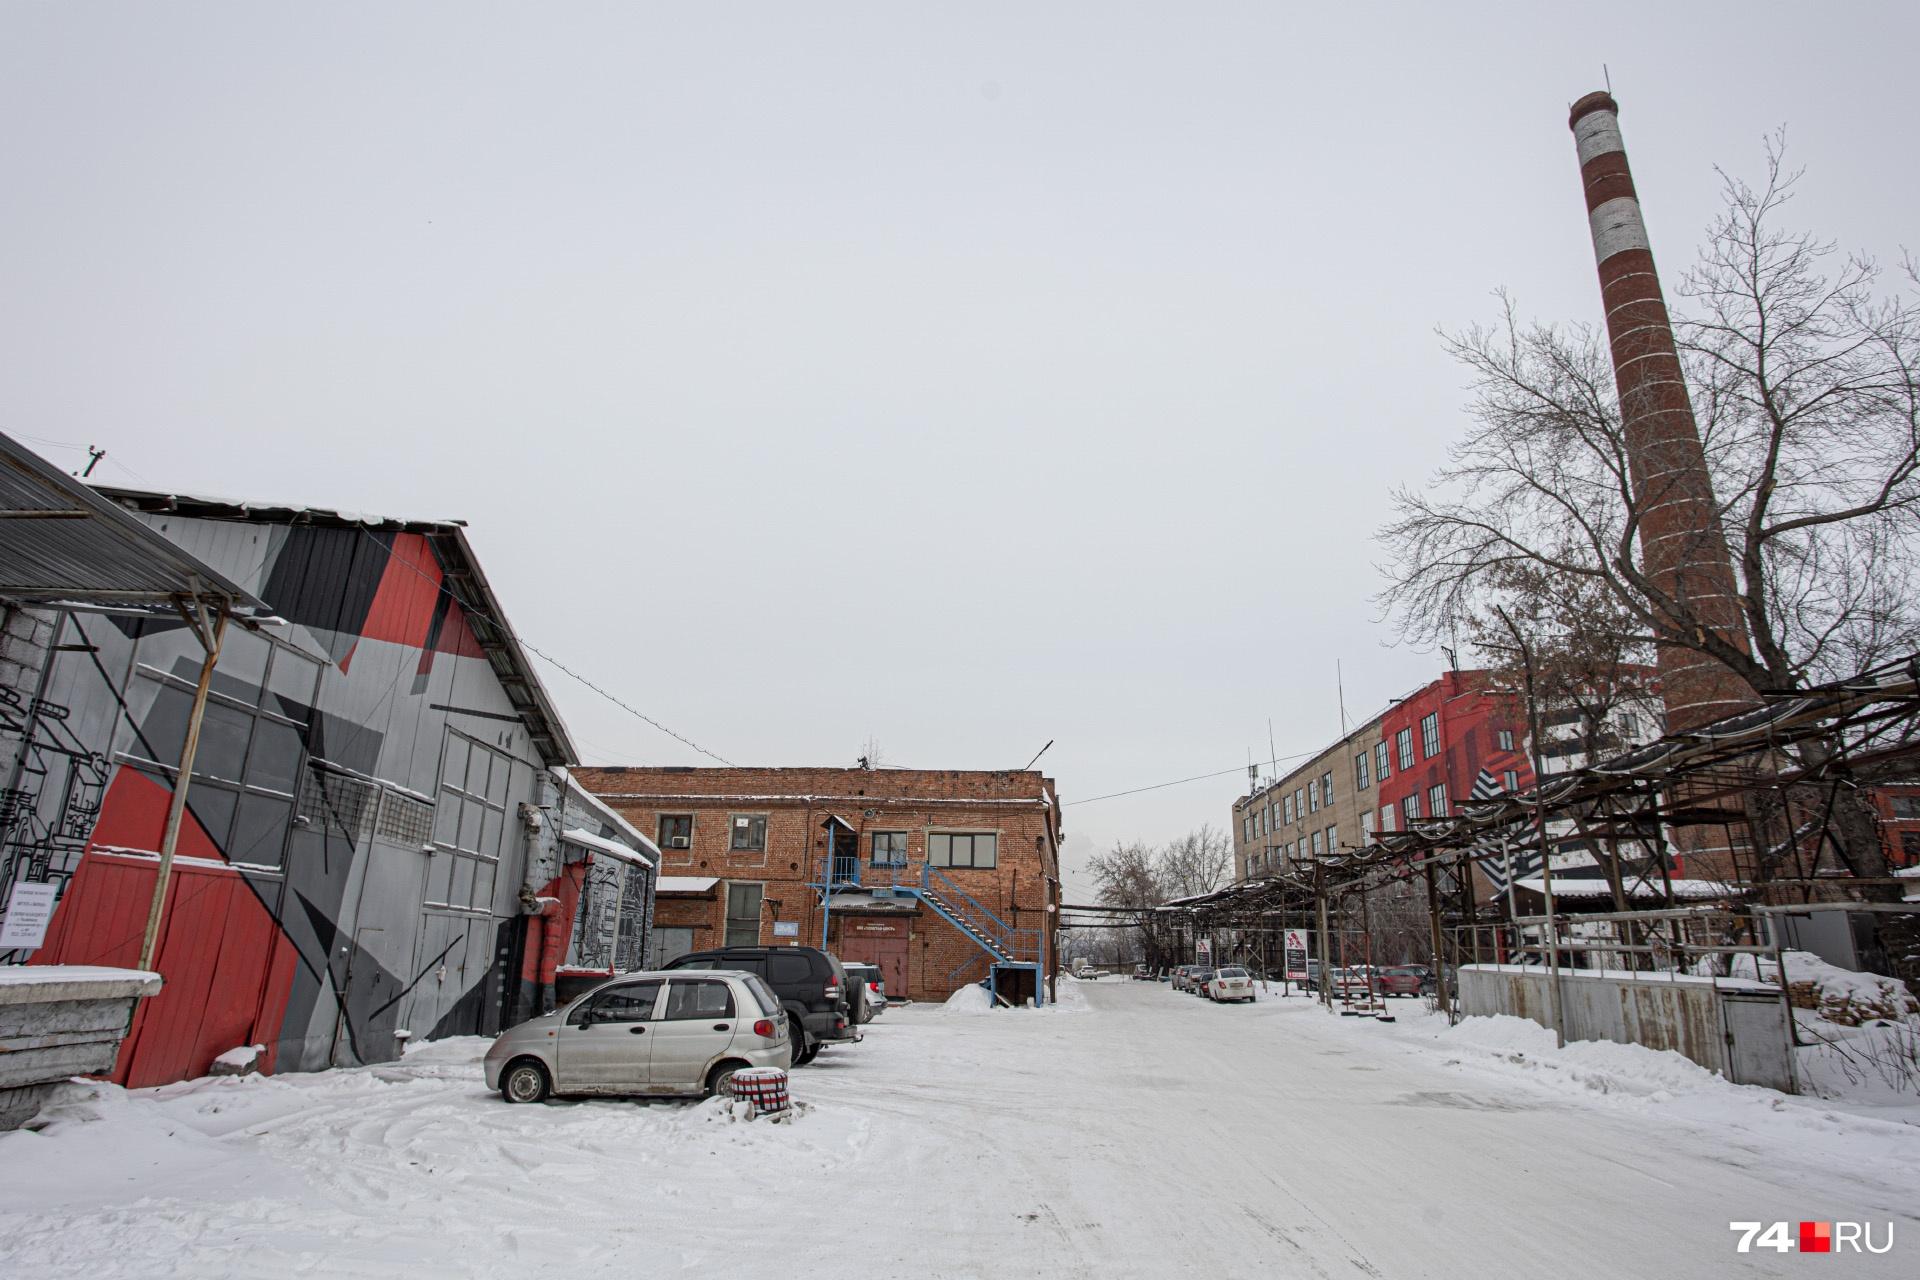 Внутри ремонт сделан — пора развивать уличное пространство. Этим займутся летом